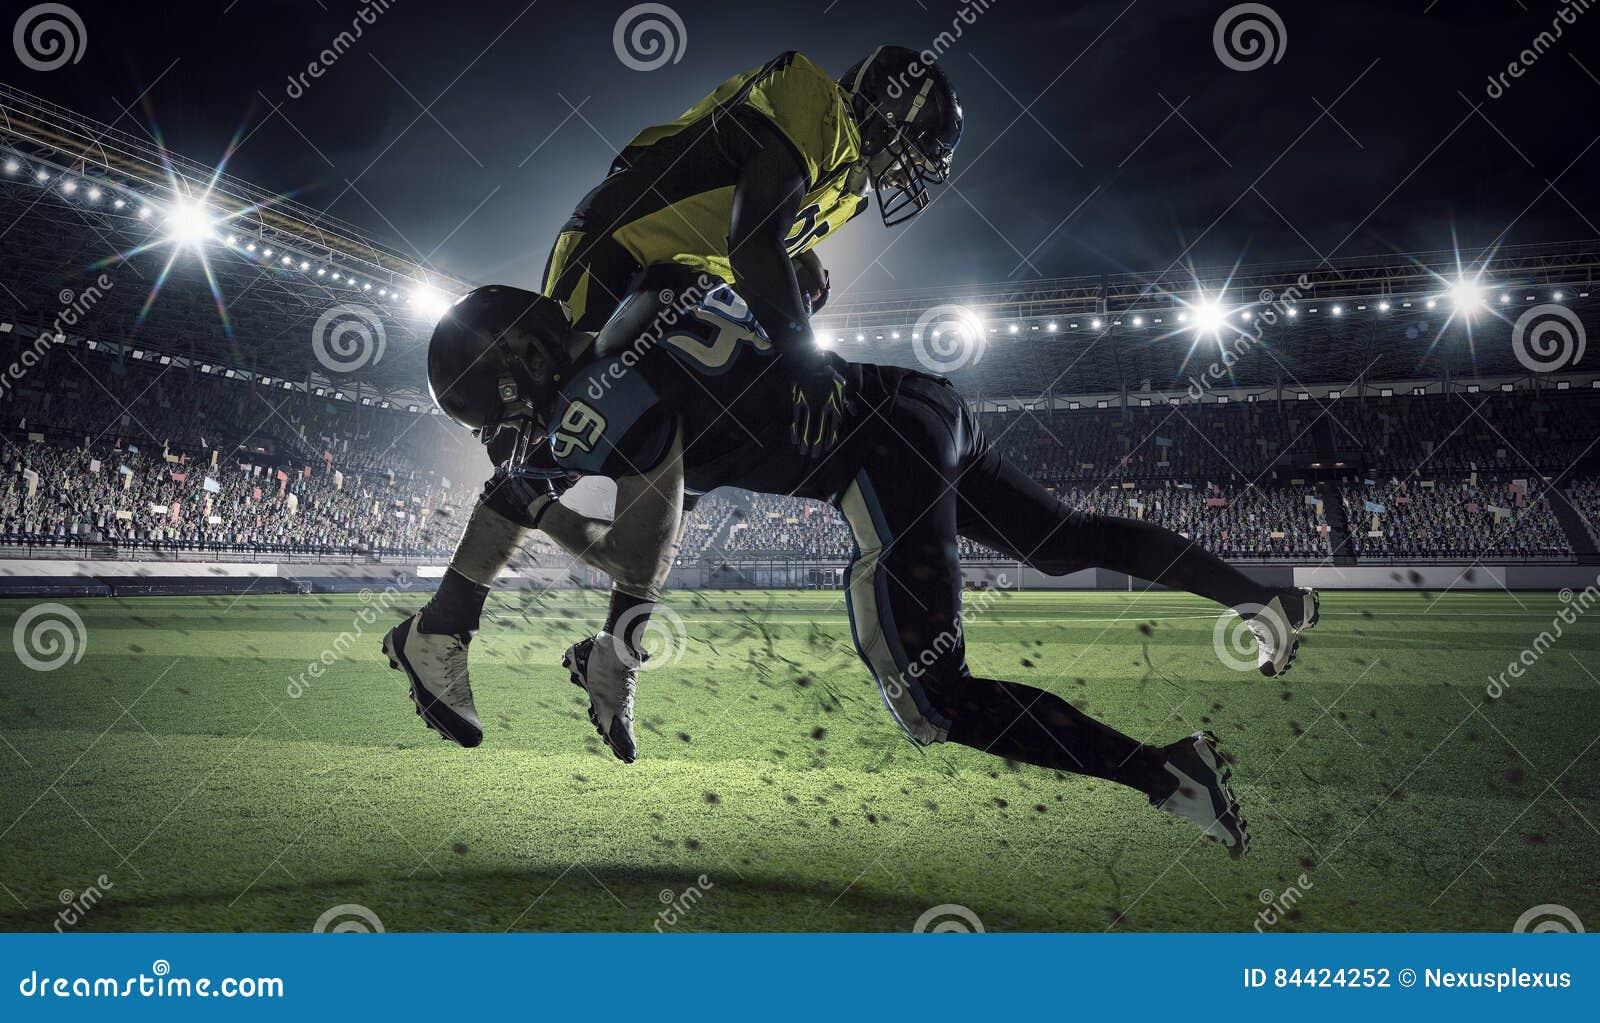 Φορείς αμερικανικού ποδοσφαίρου στο χώρο Μικτά μέσα